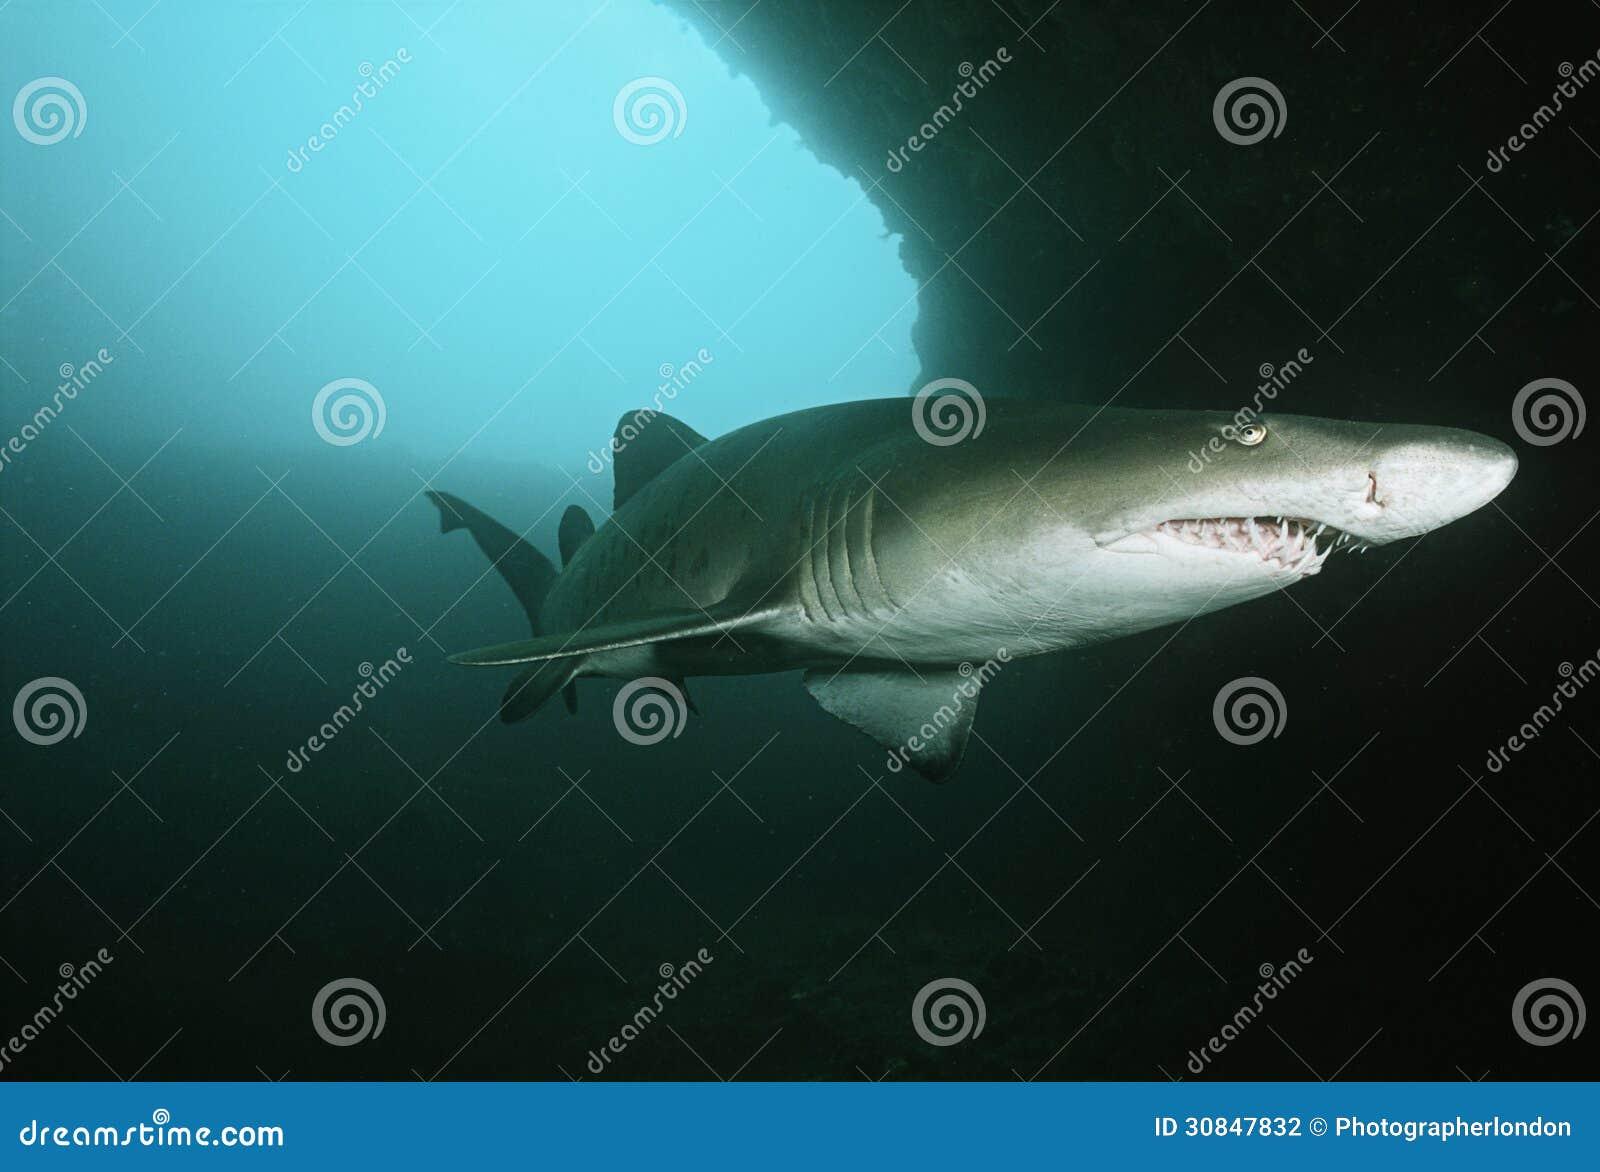 Tiburón de tigre de arena de Suráfrica del Océano Índico del bajío de Aliwal (tauro del Carcharias) en cueva subacuática